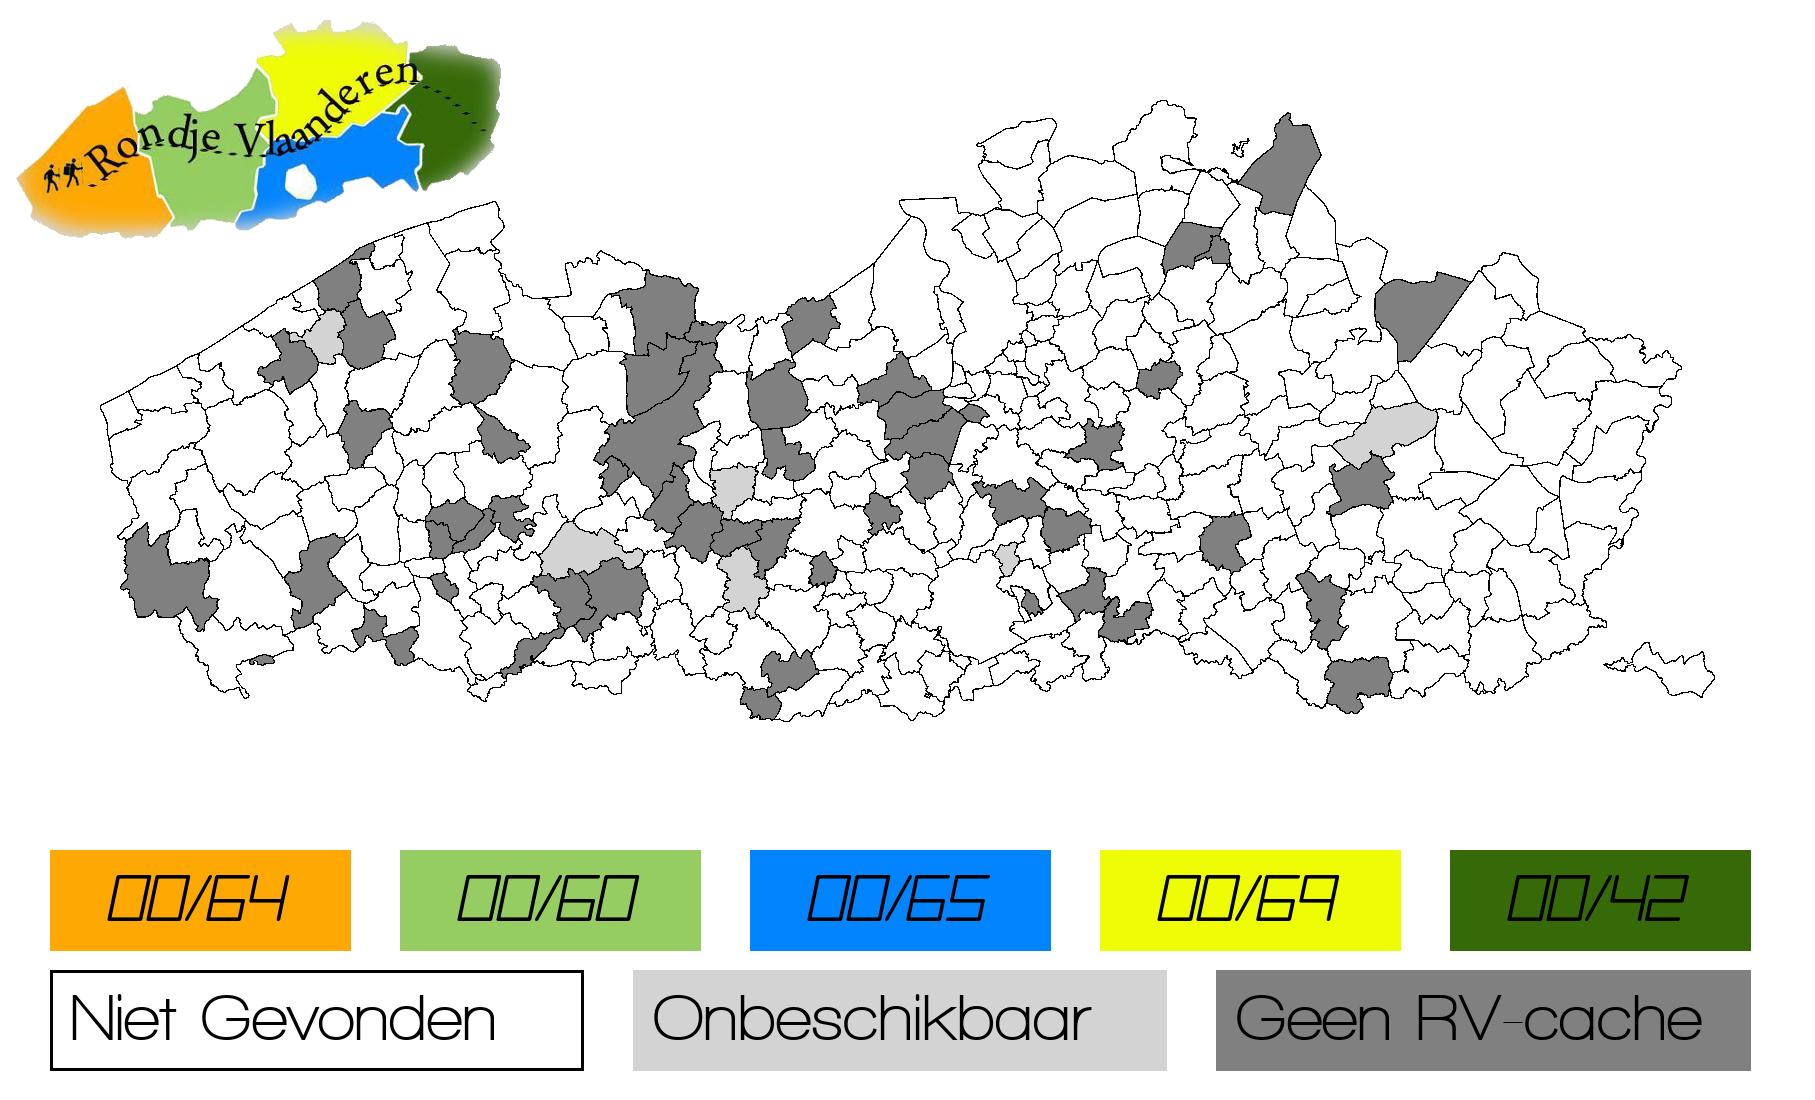 Persoonlijke ingekleurde kaart van de gevonden gemeentes